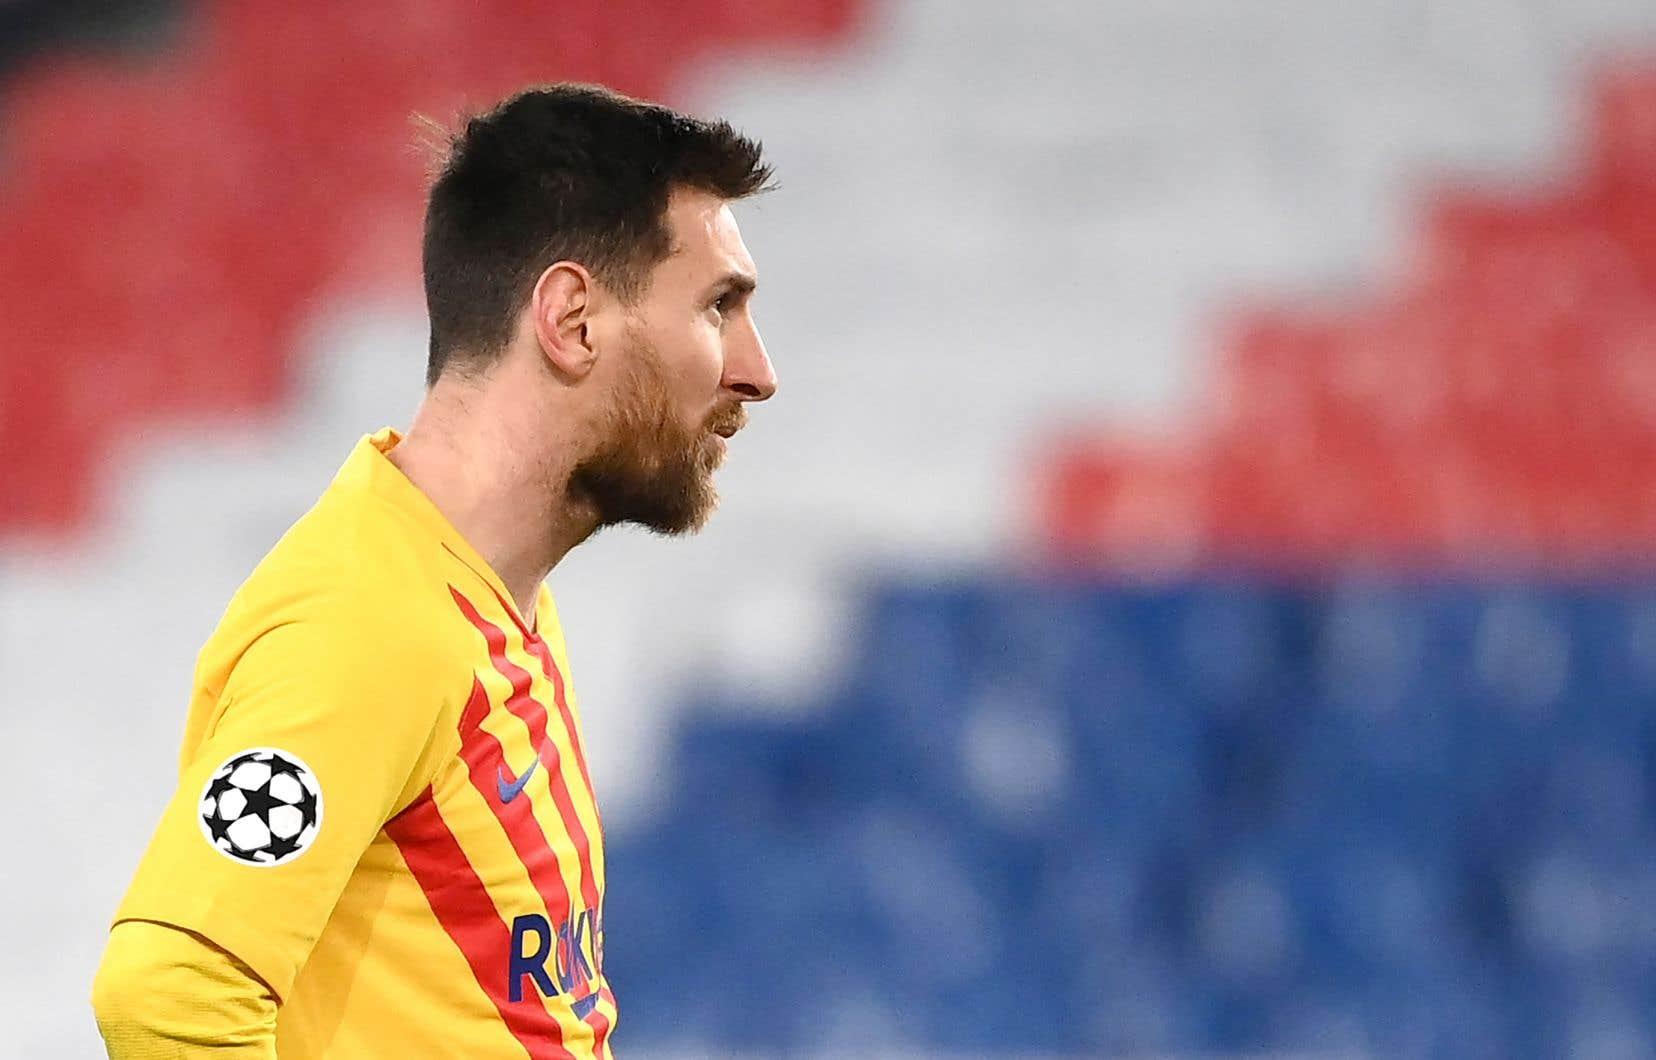 Meilleur buteur de l'histoire du FC Barcelone, Leo Messi était devenu dernièrement le joueur ayant disputé le plus grand nombre de matchs au Barça, devant les 767 apparitions de la légende Xavi.